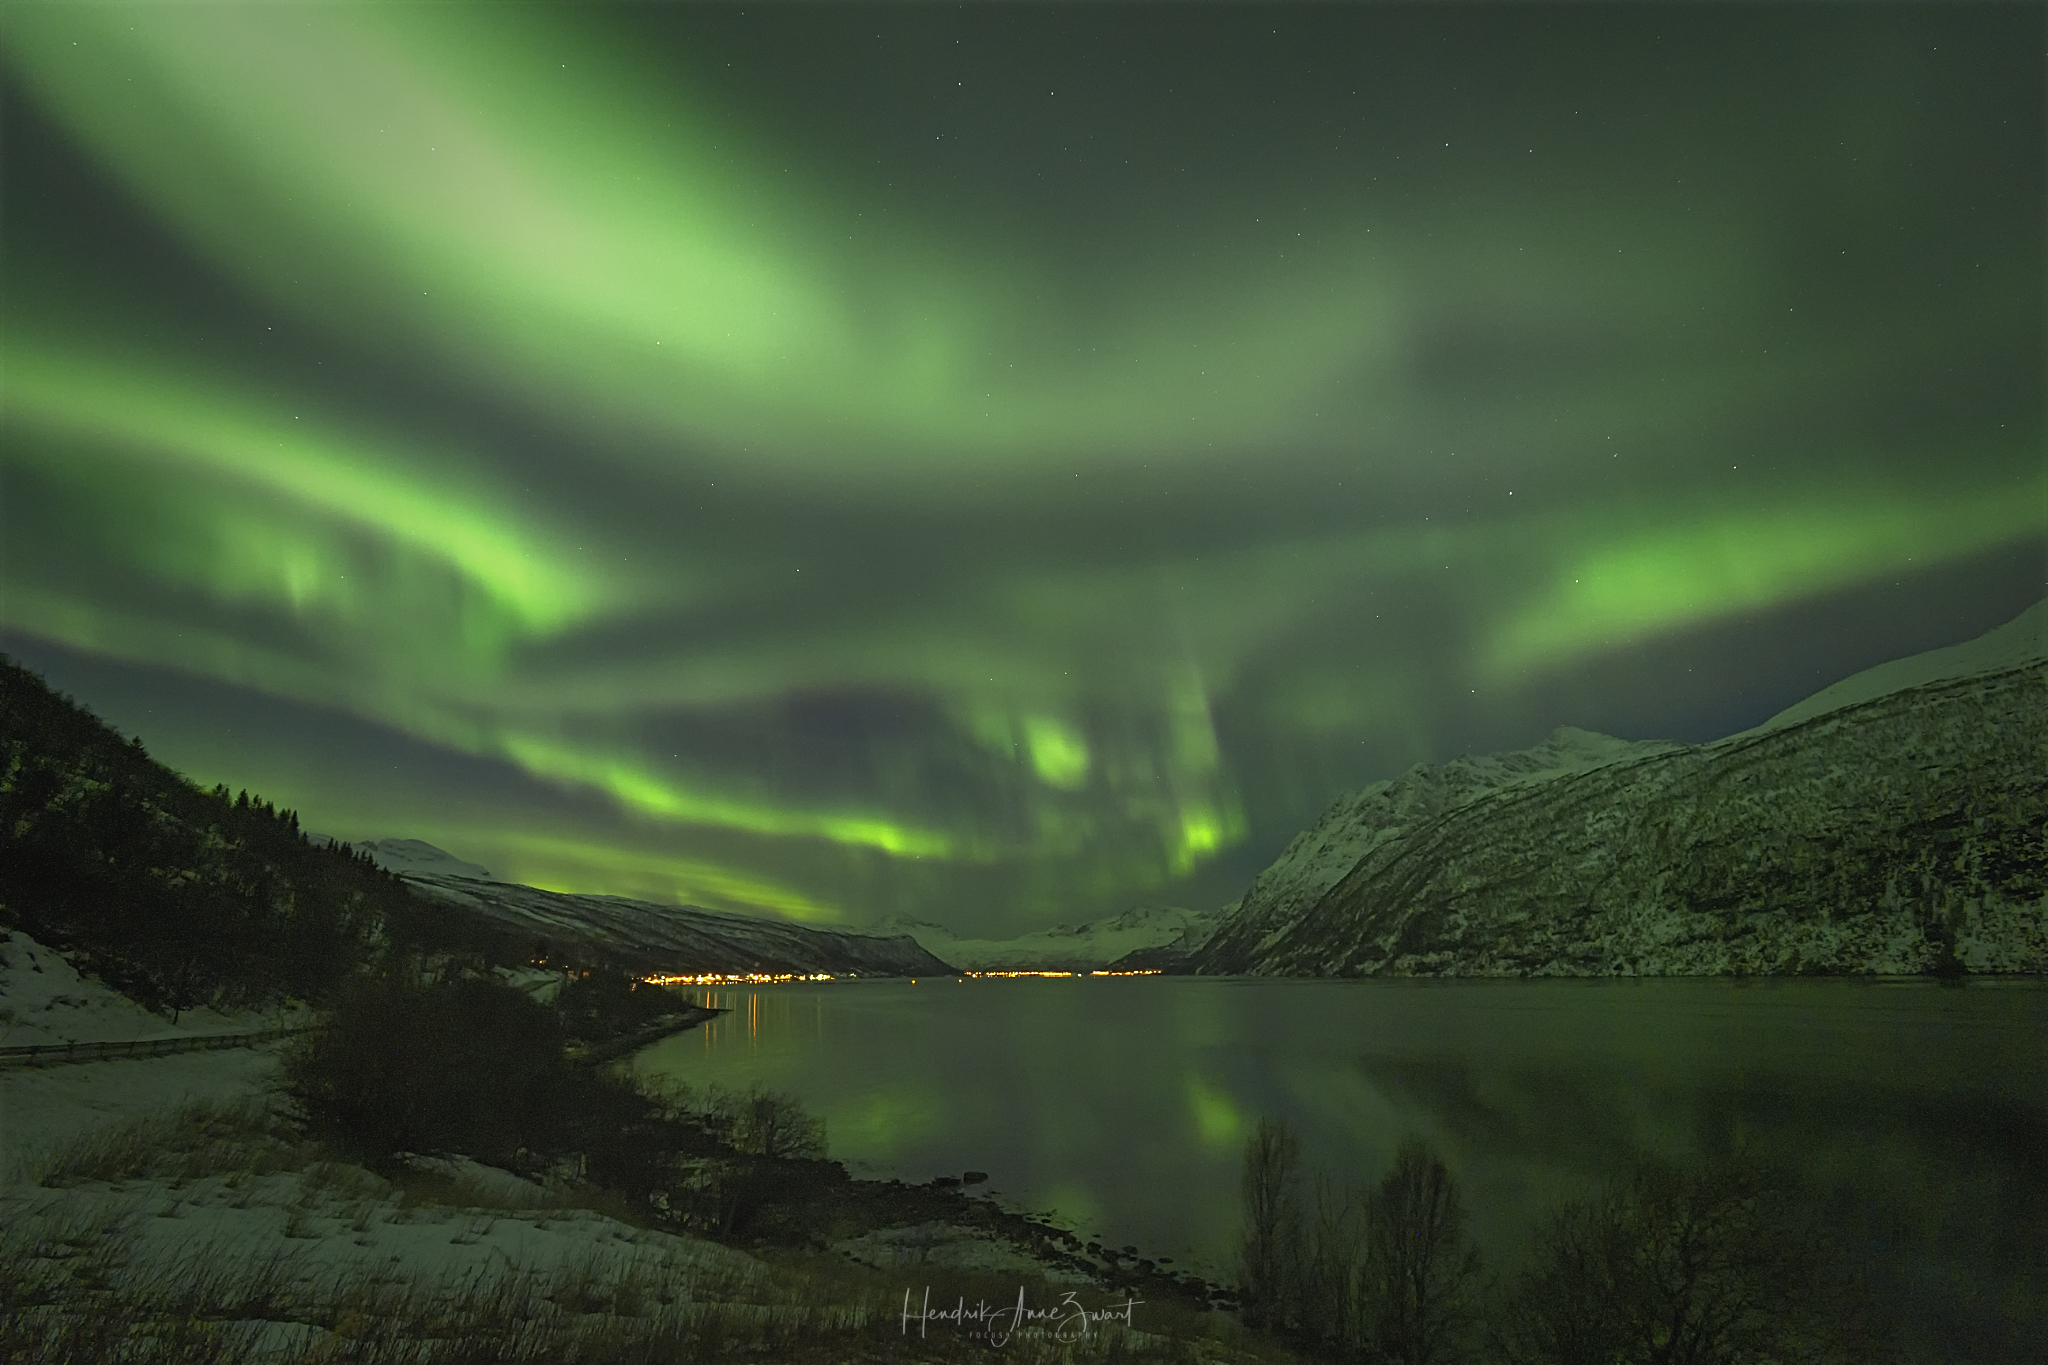 Astafjorden - lifting the polar night8 FEB - 15 FEB 2020